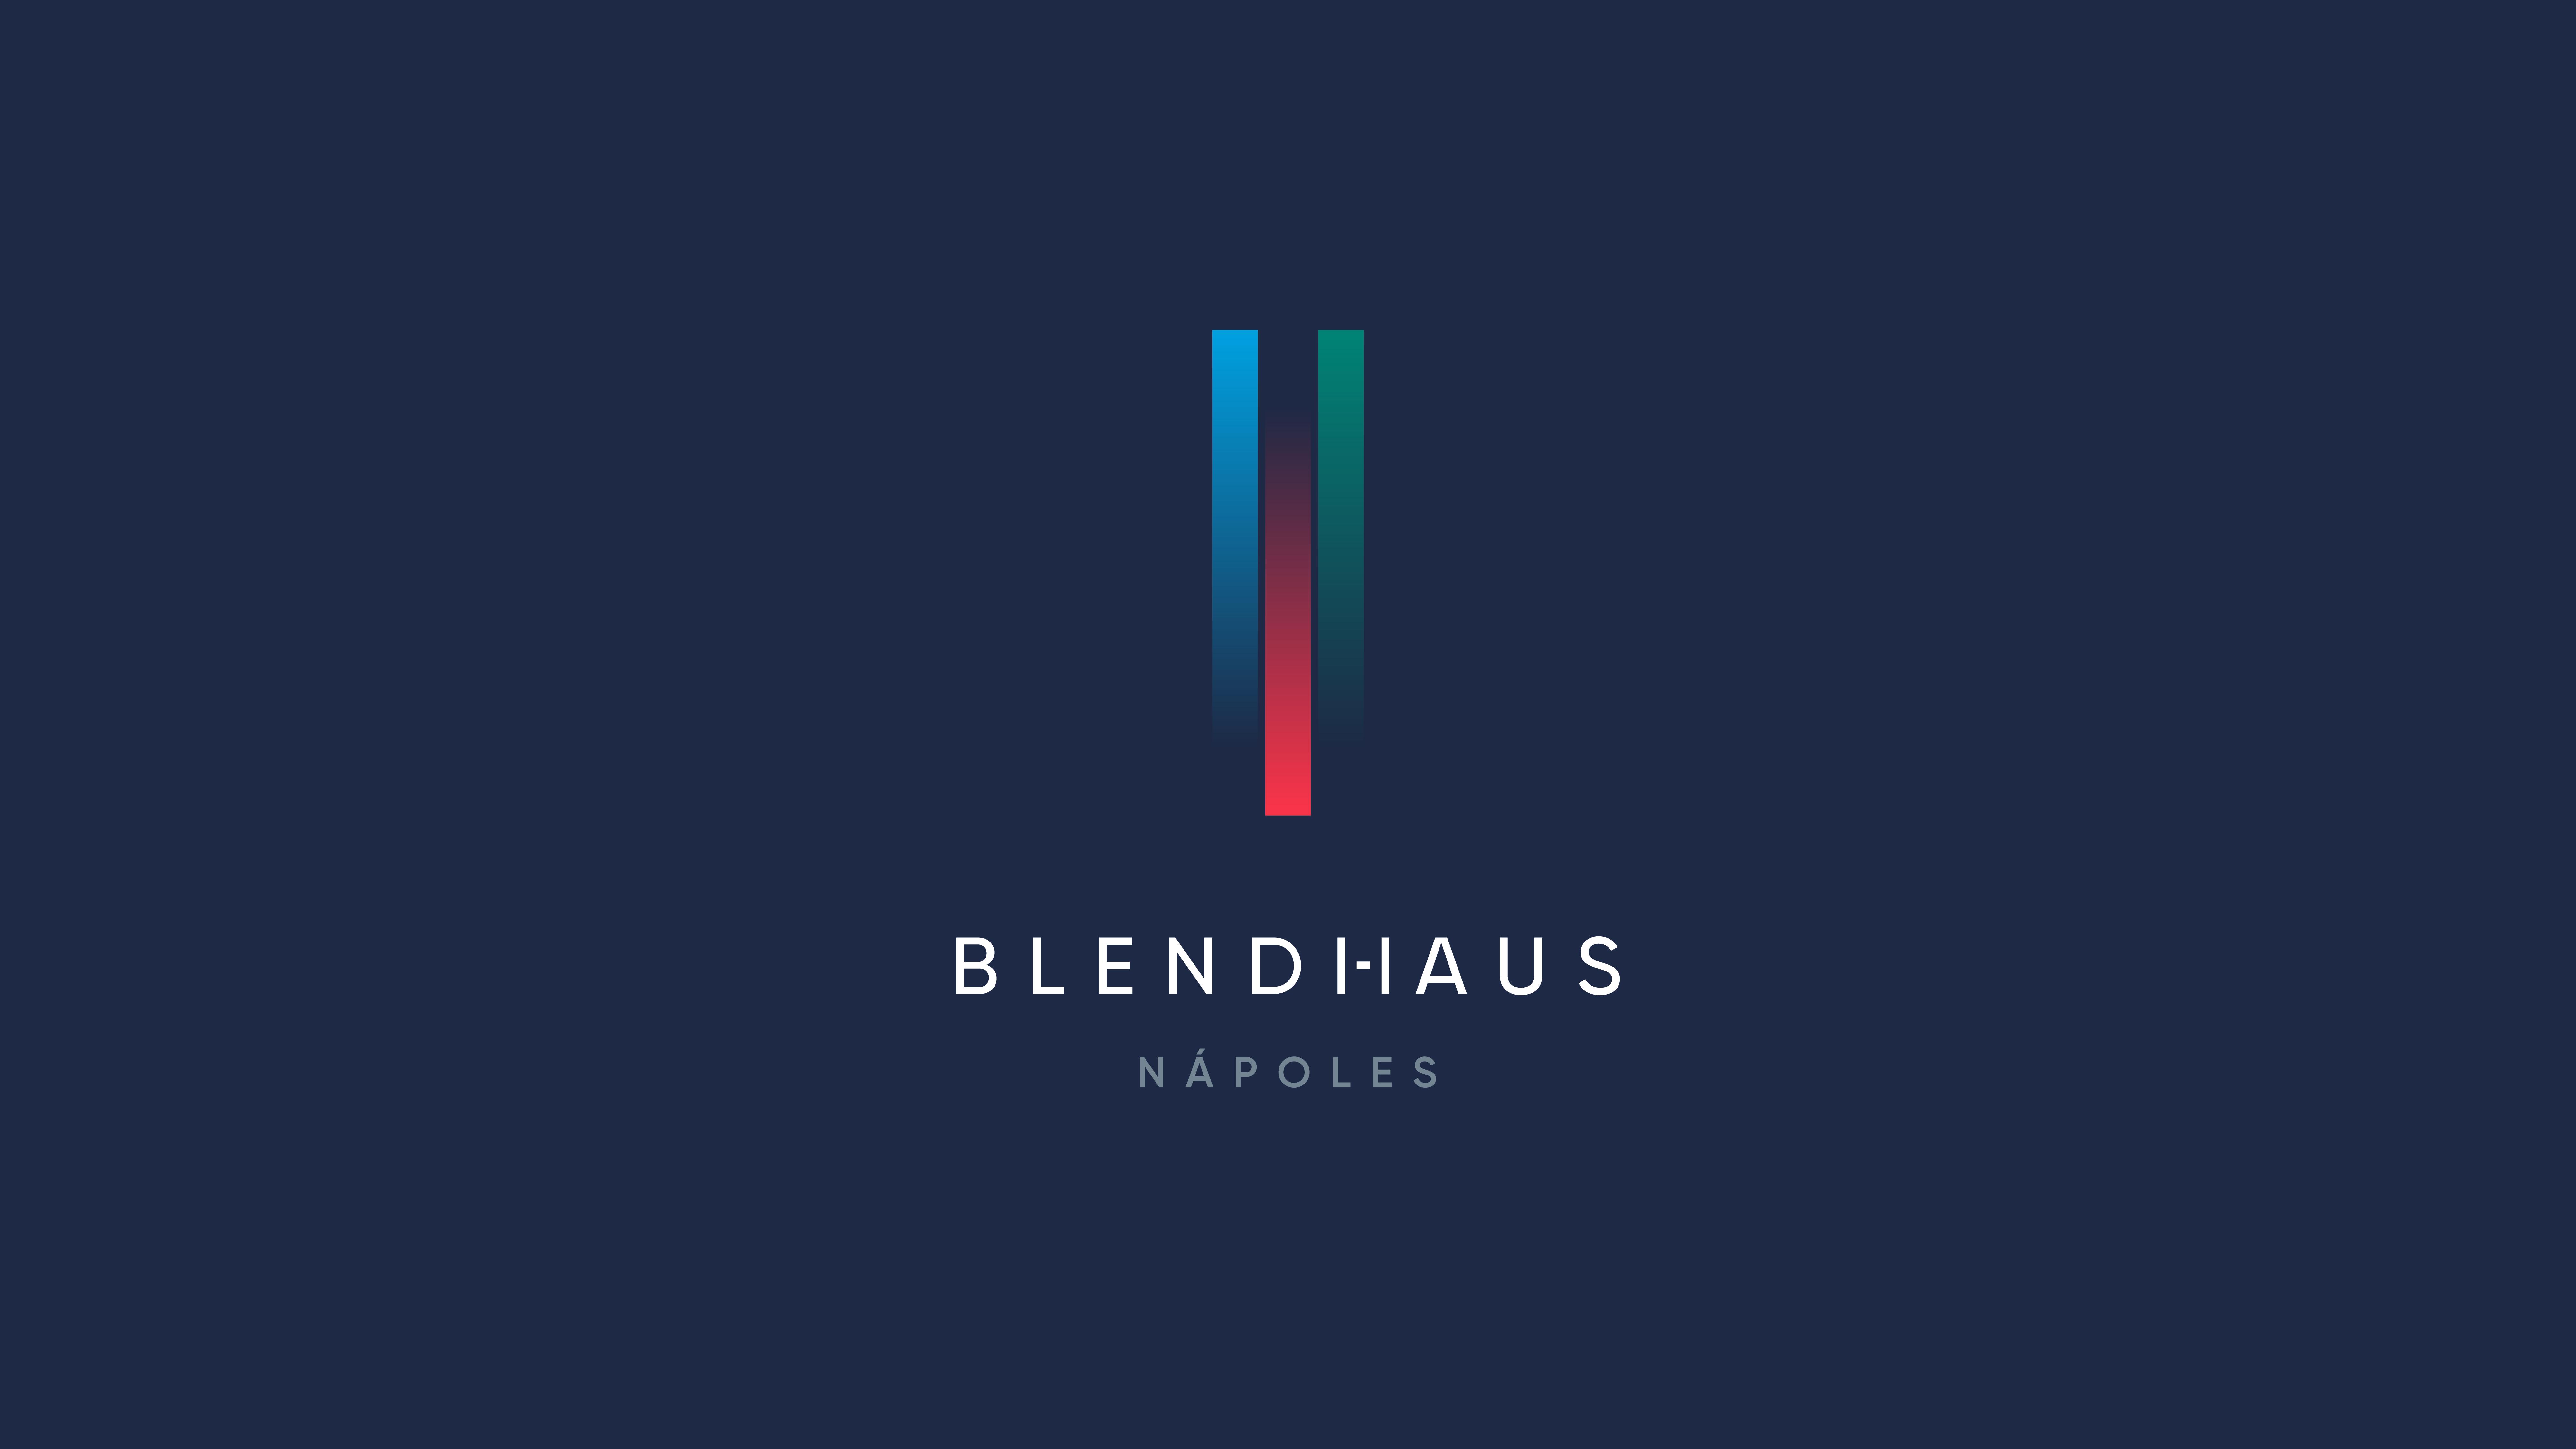 Blendhaus